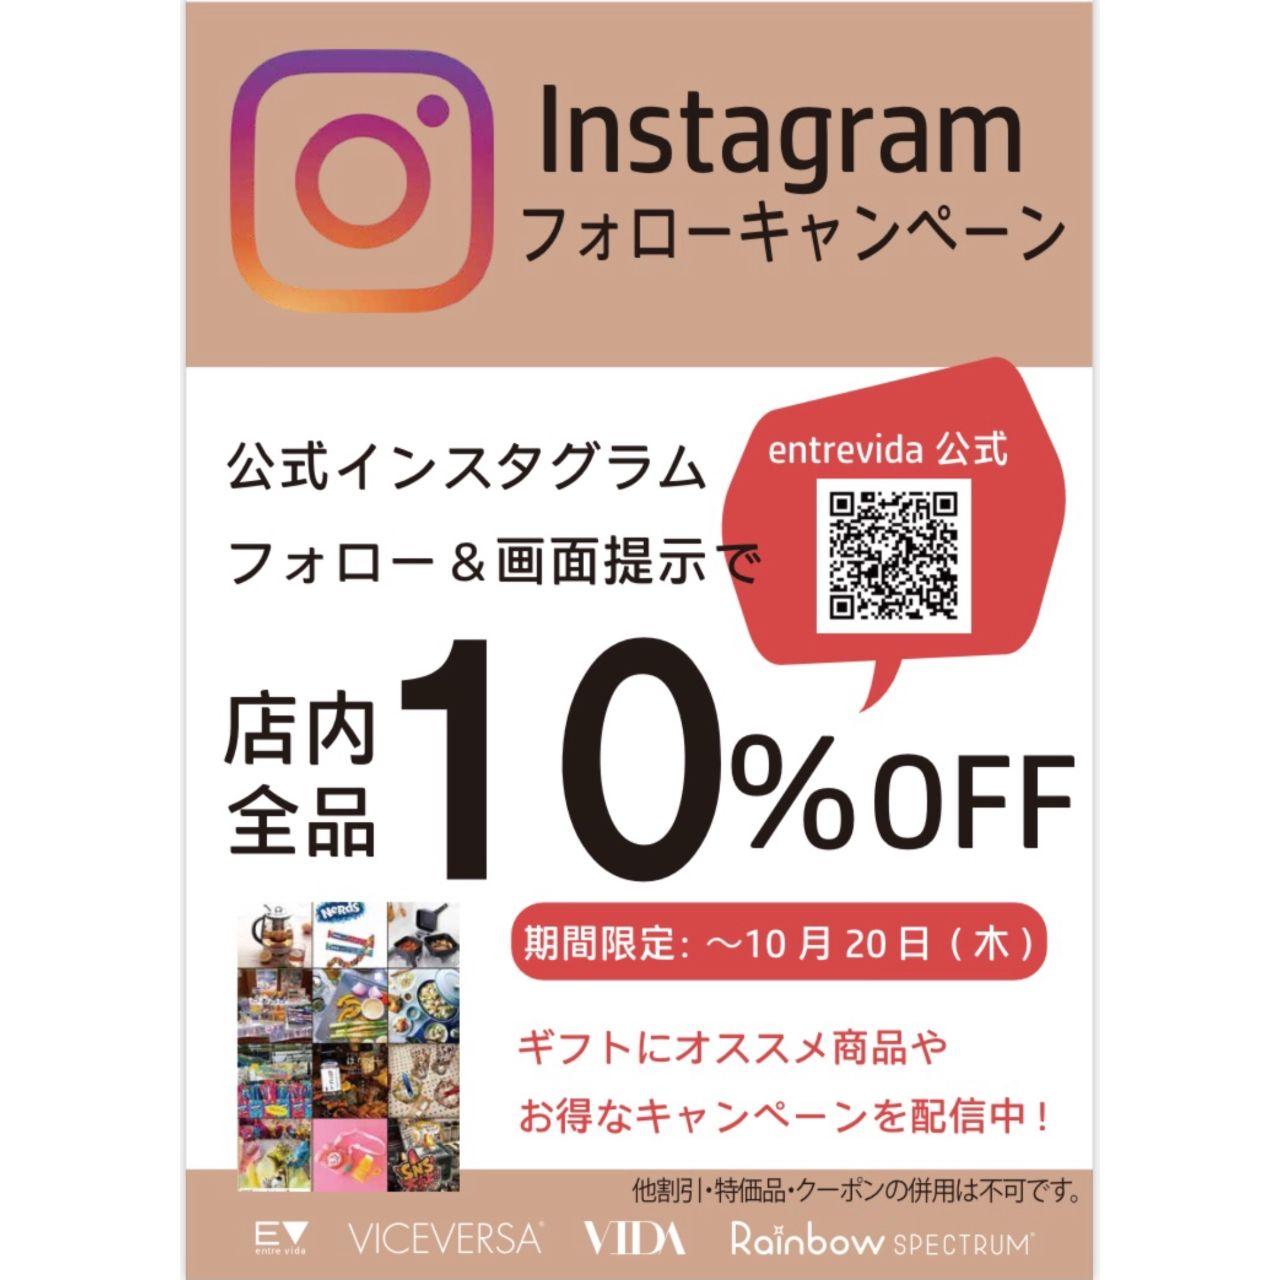 「【店内商品10%OFF】公式インスタキャンペーン」の写真